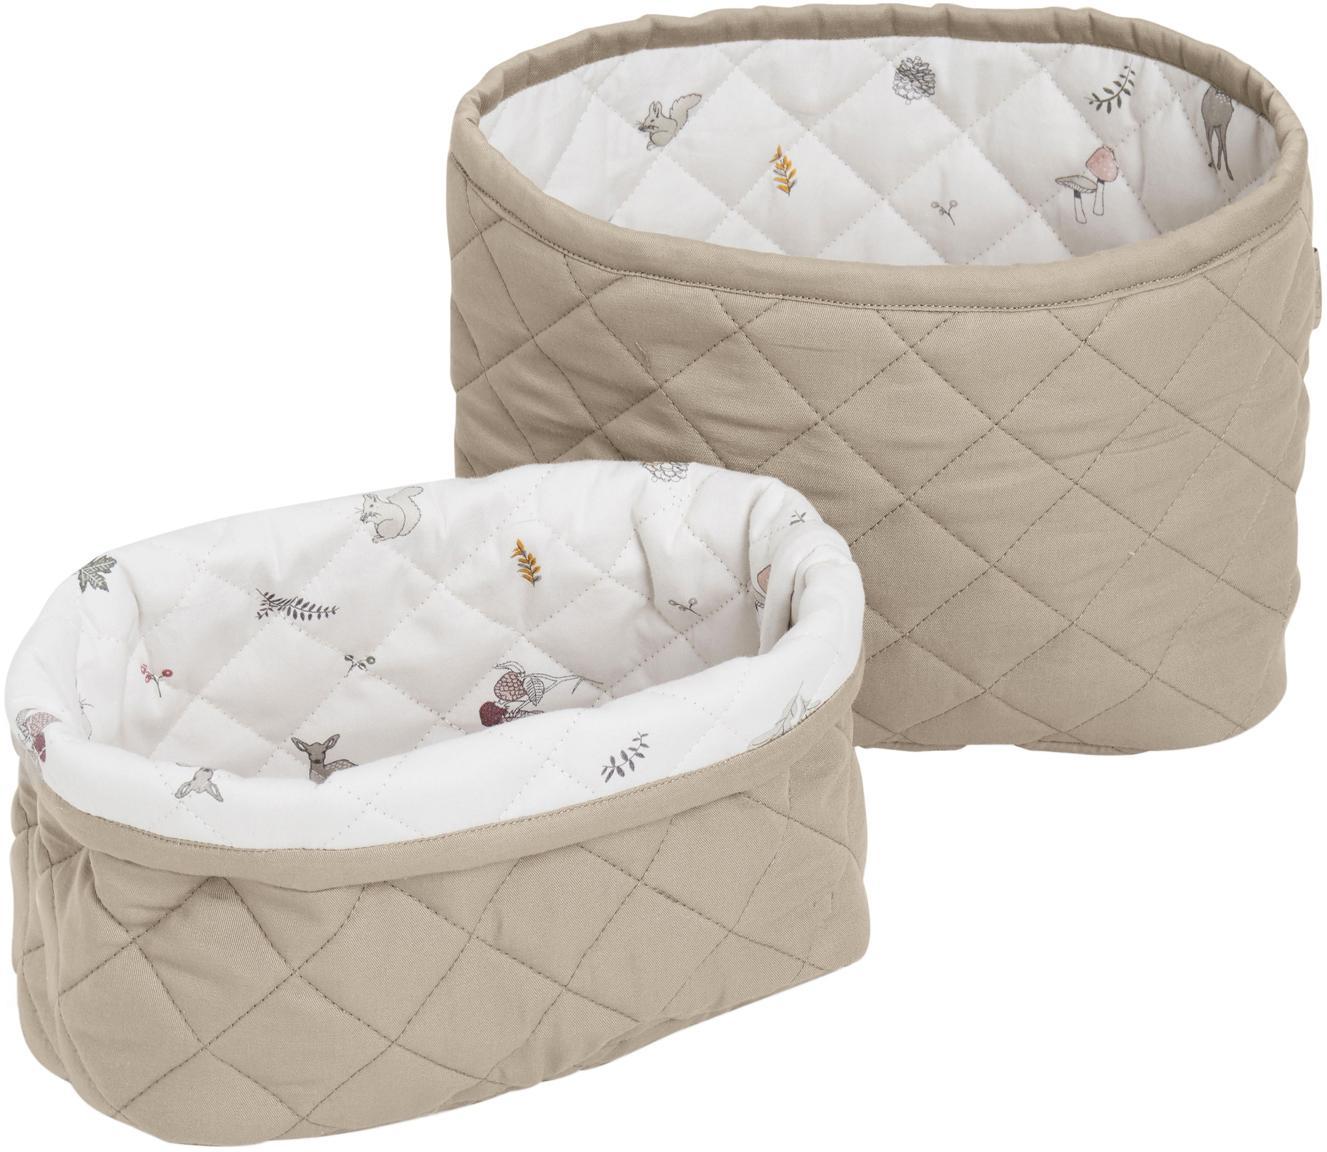 Set de cestas Fawn, 2pzas., Exterior: algodón orgánico, Blanco, marrón, beige, Set de diferentes tamaños